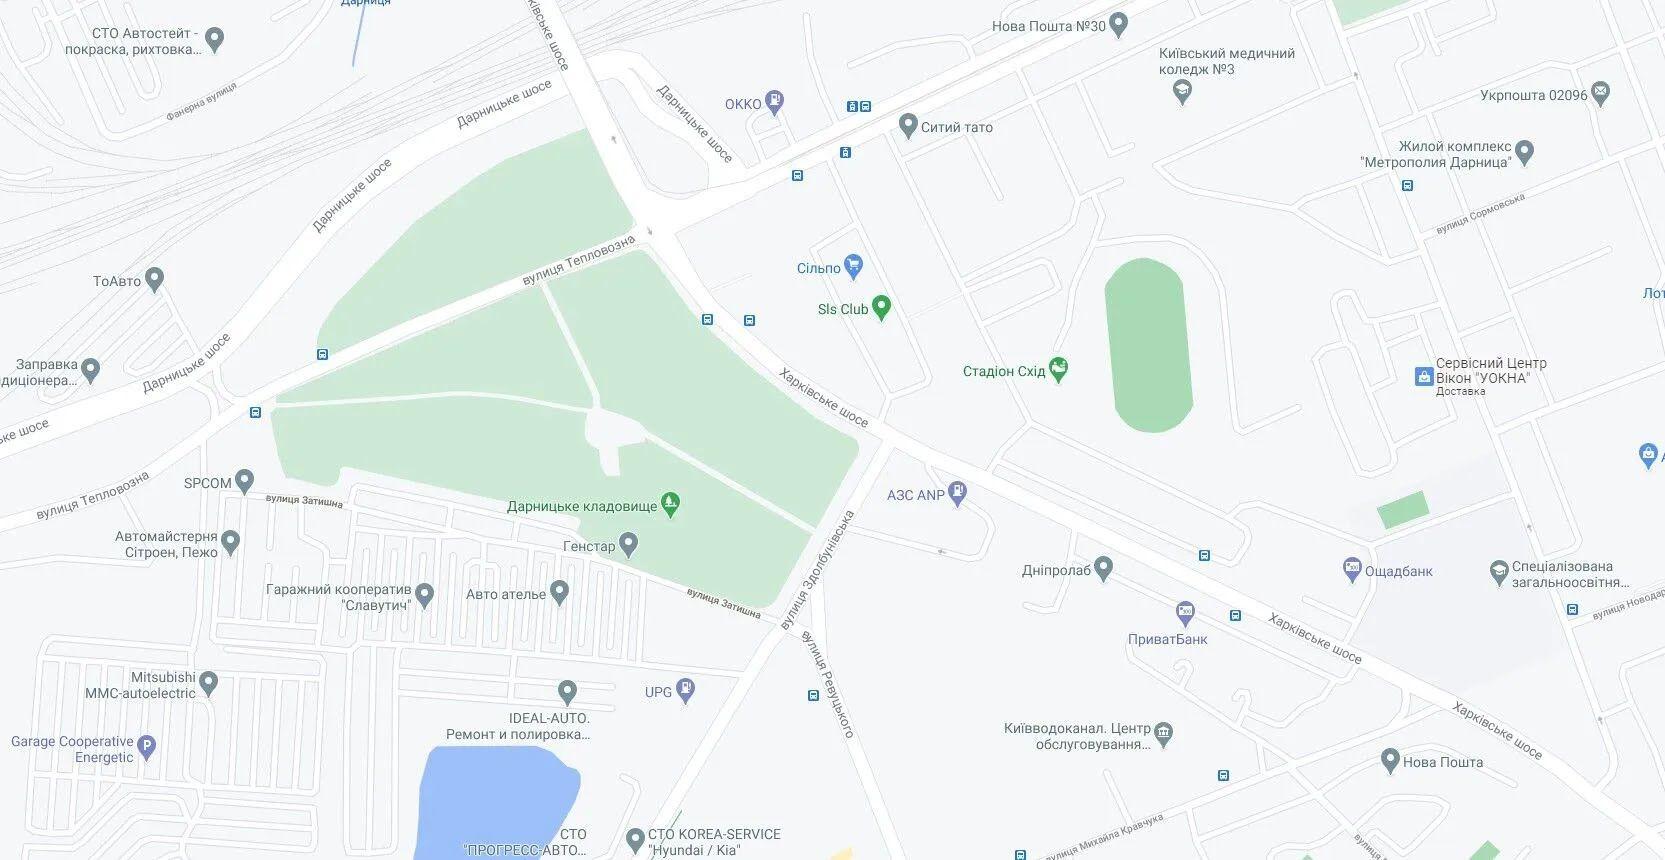 ДТП сталася на перехресті вулиць Здолбунівської та Харківського шосе.